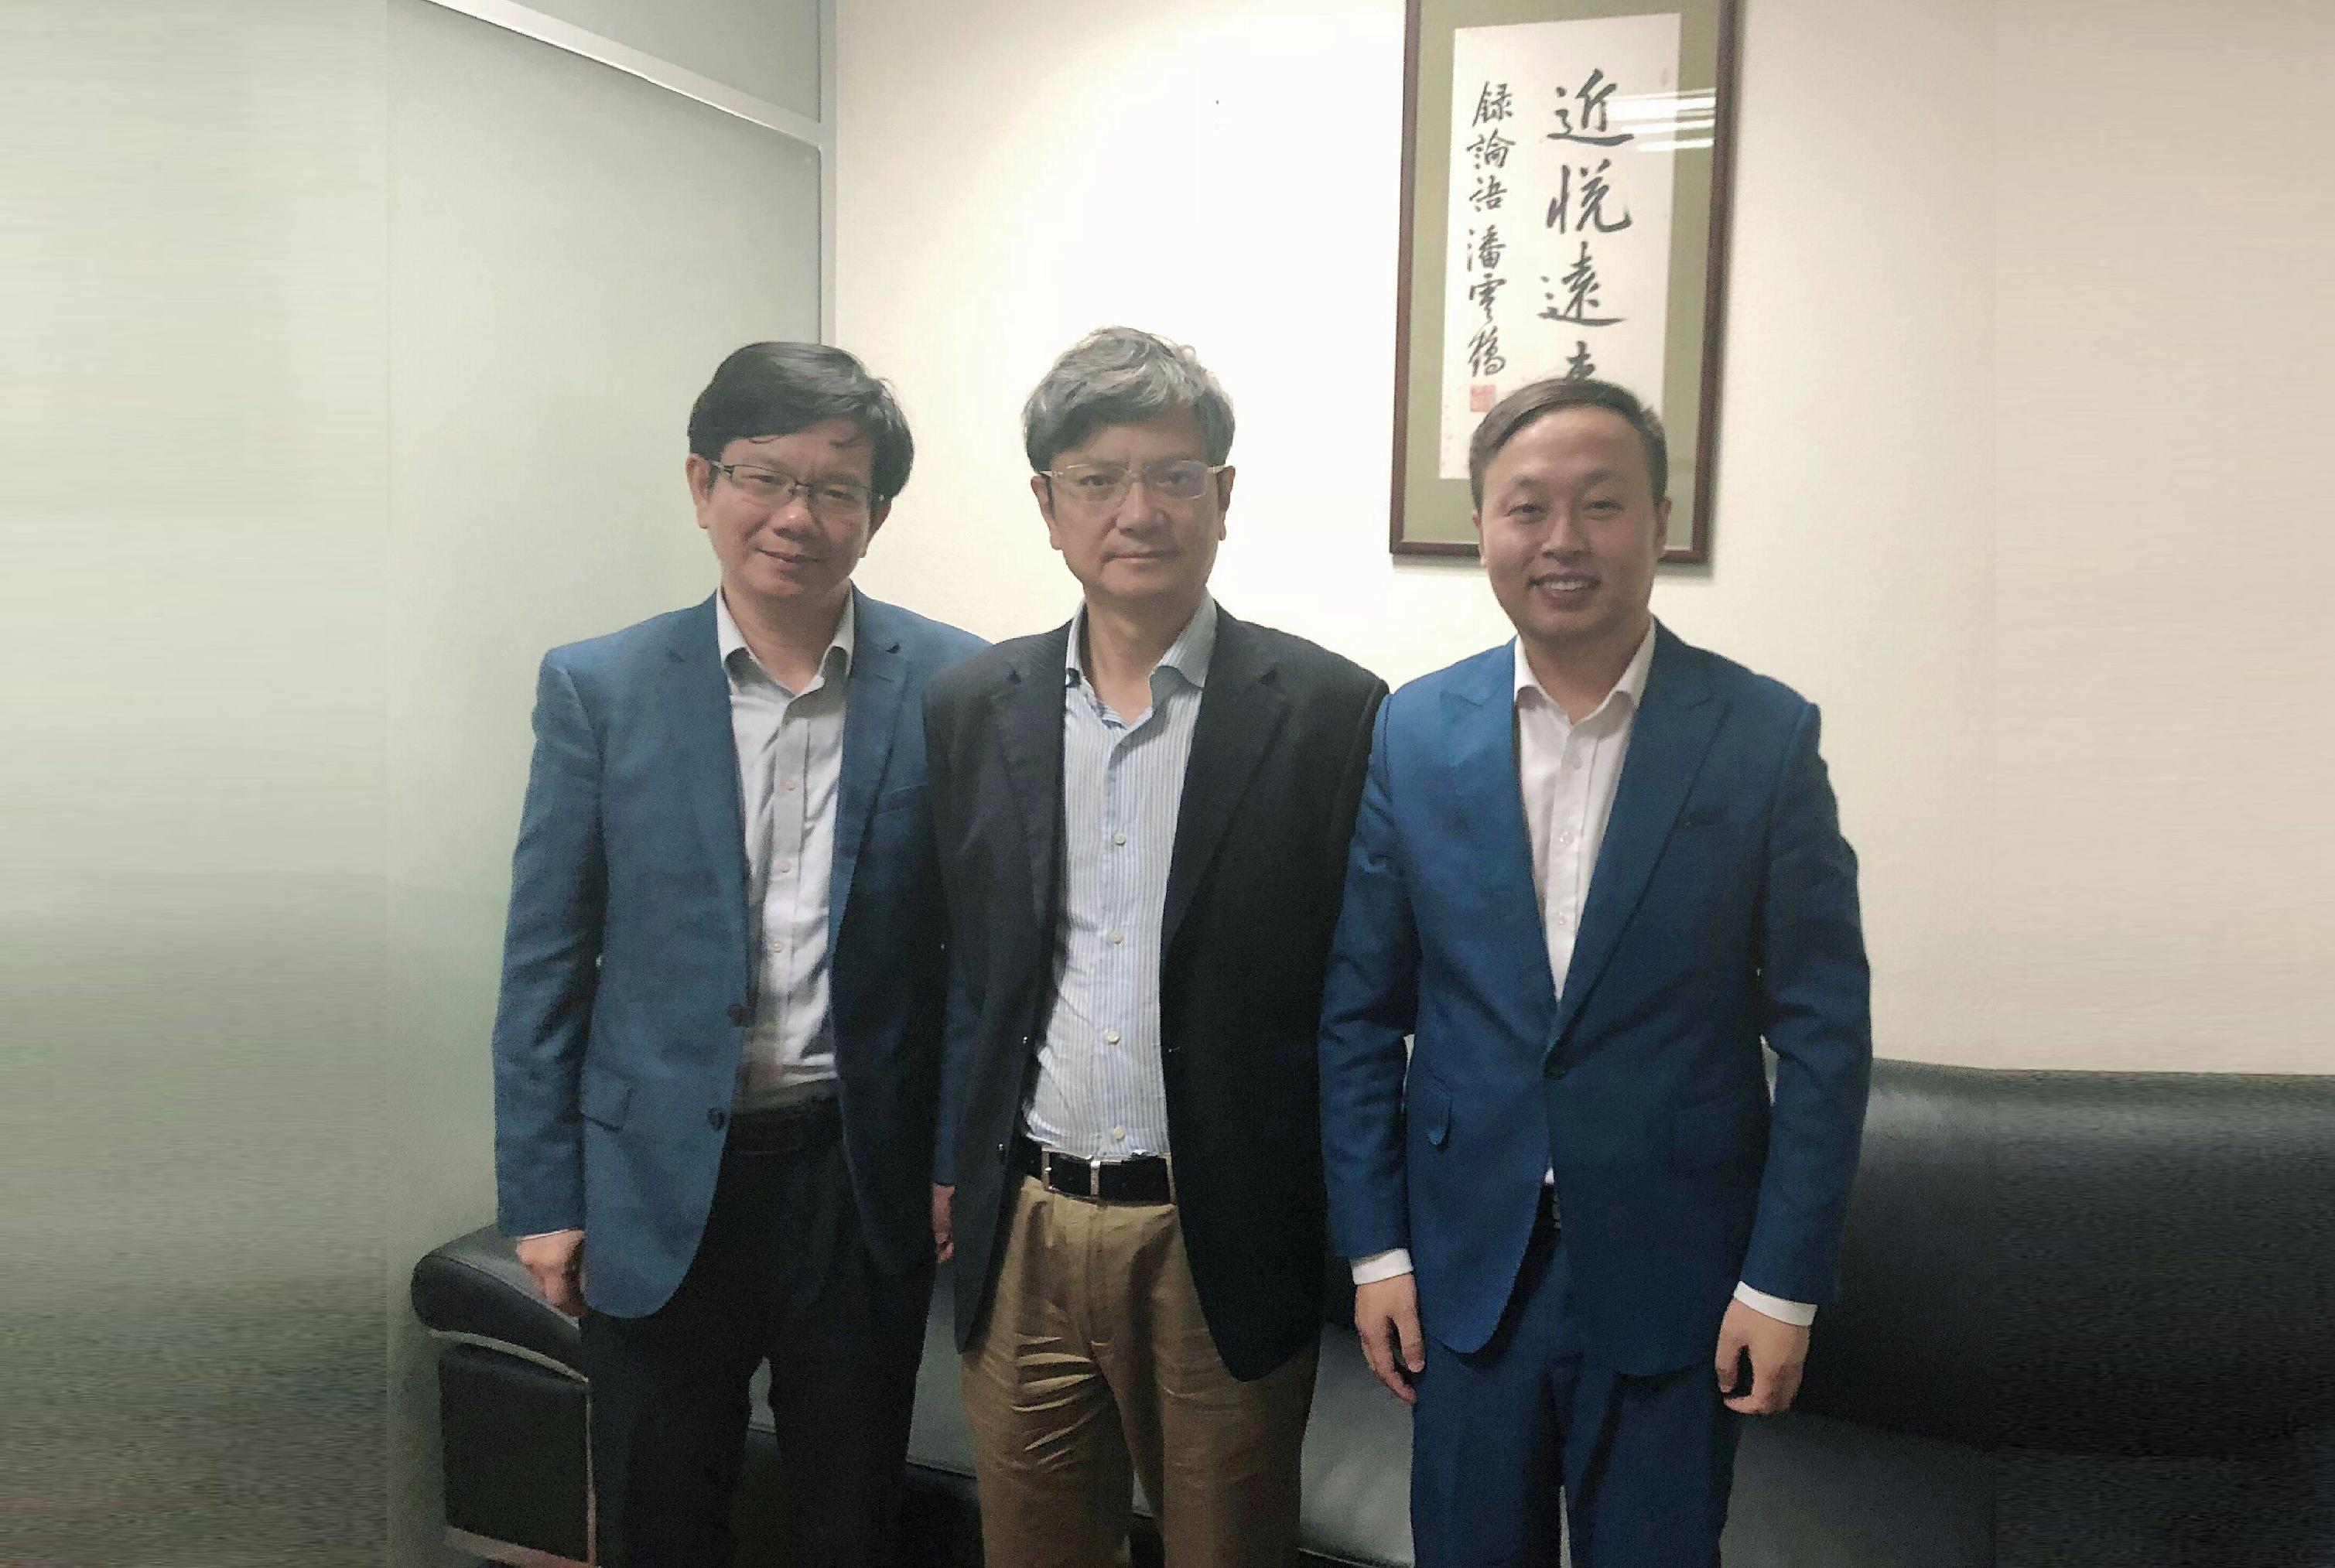 唐正荣走进浙江大学,与郑强书记畅谈校企合作